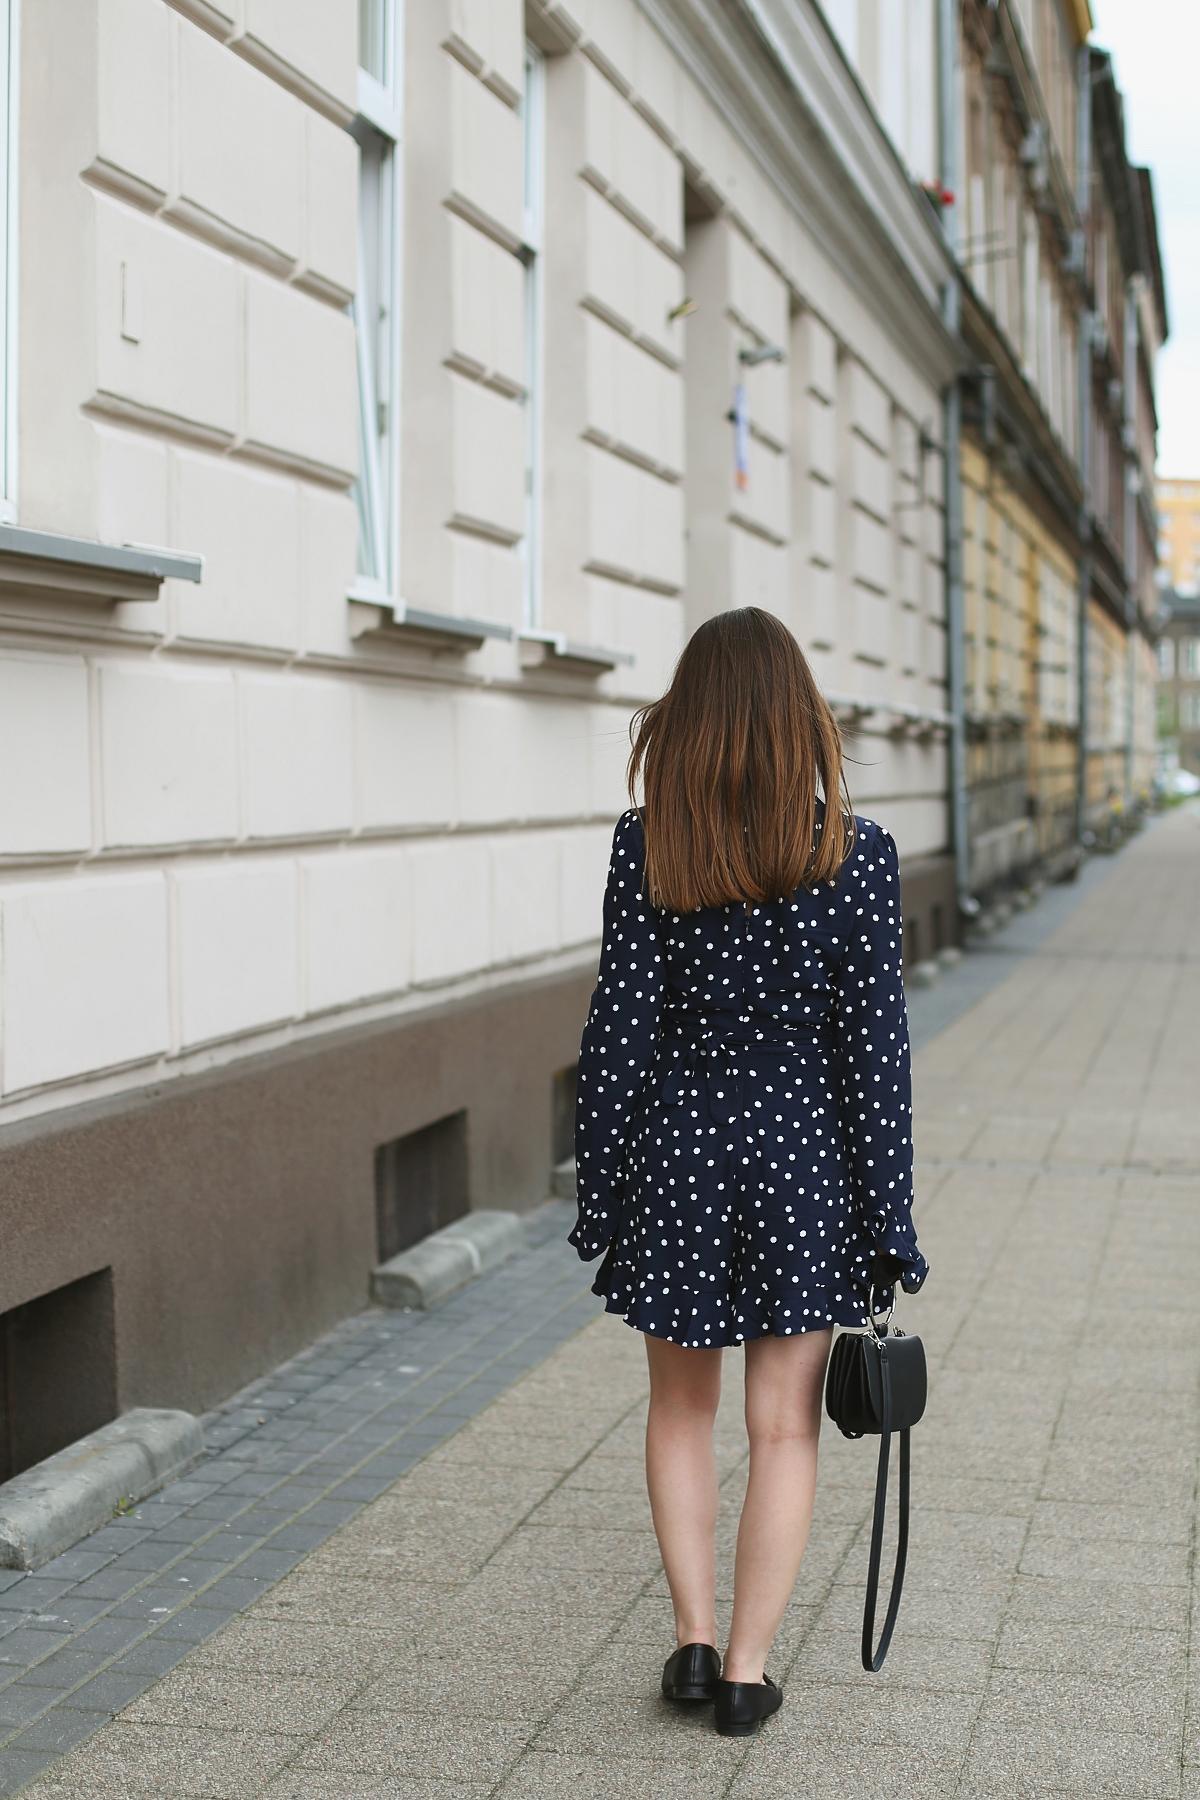 Kombinezon w grochy - blog modowy Gdańsk